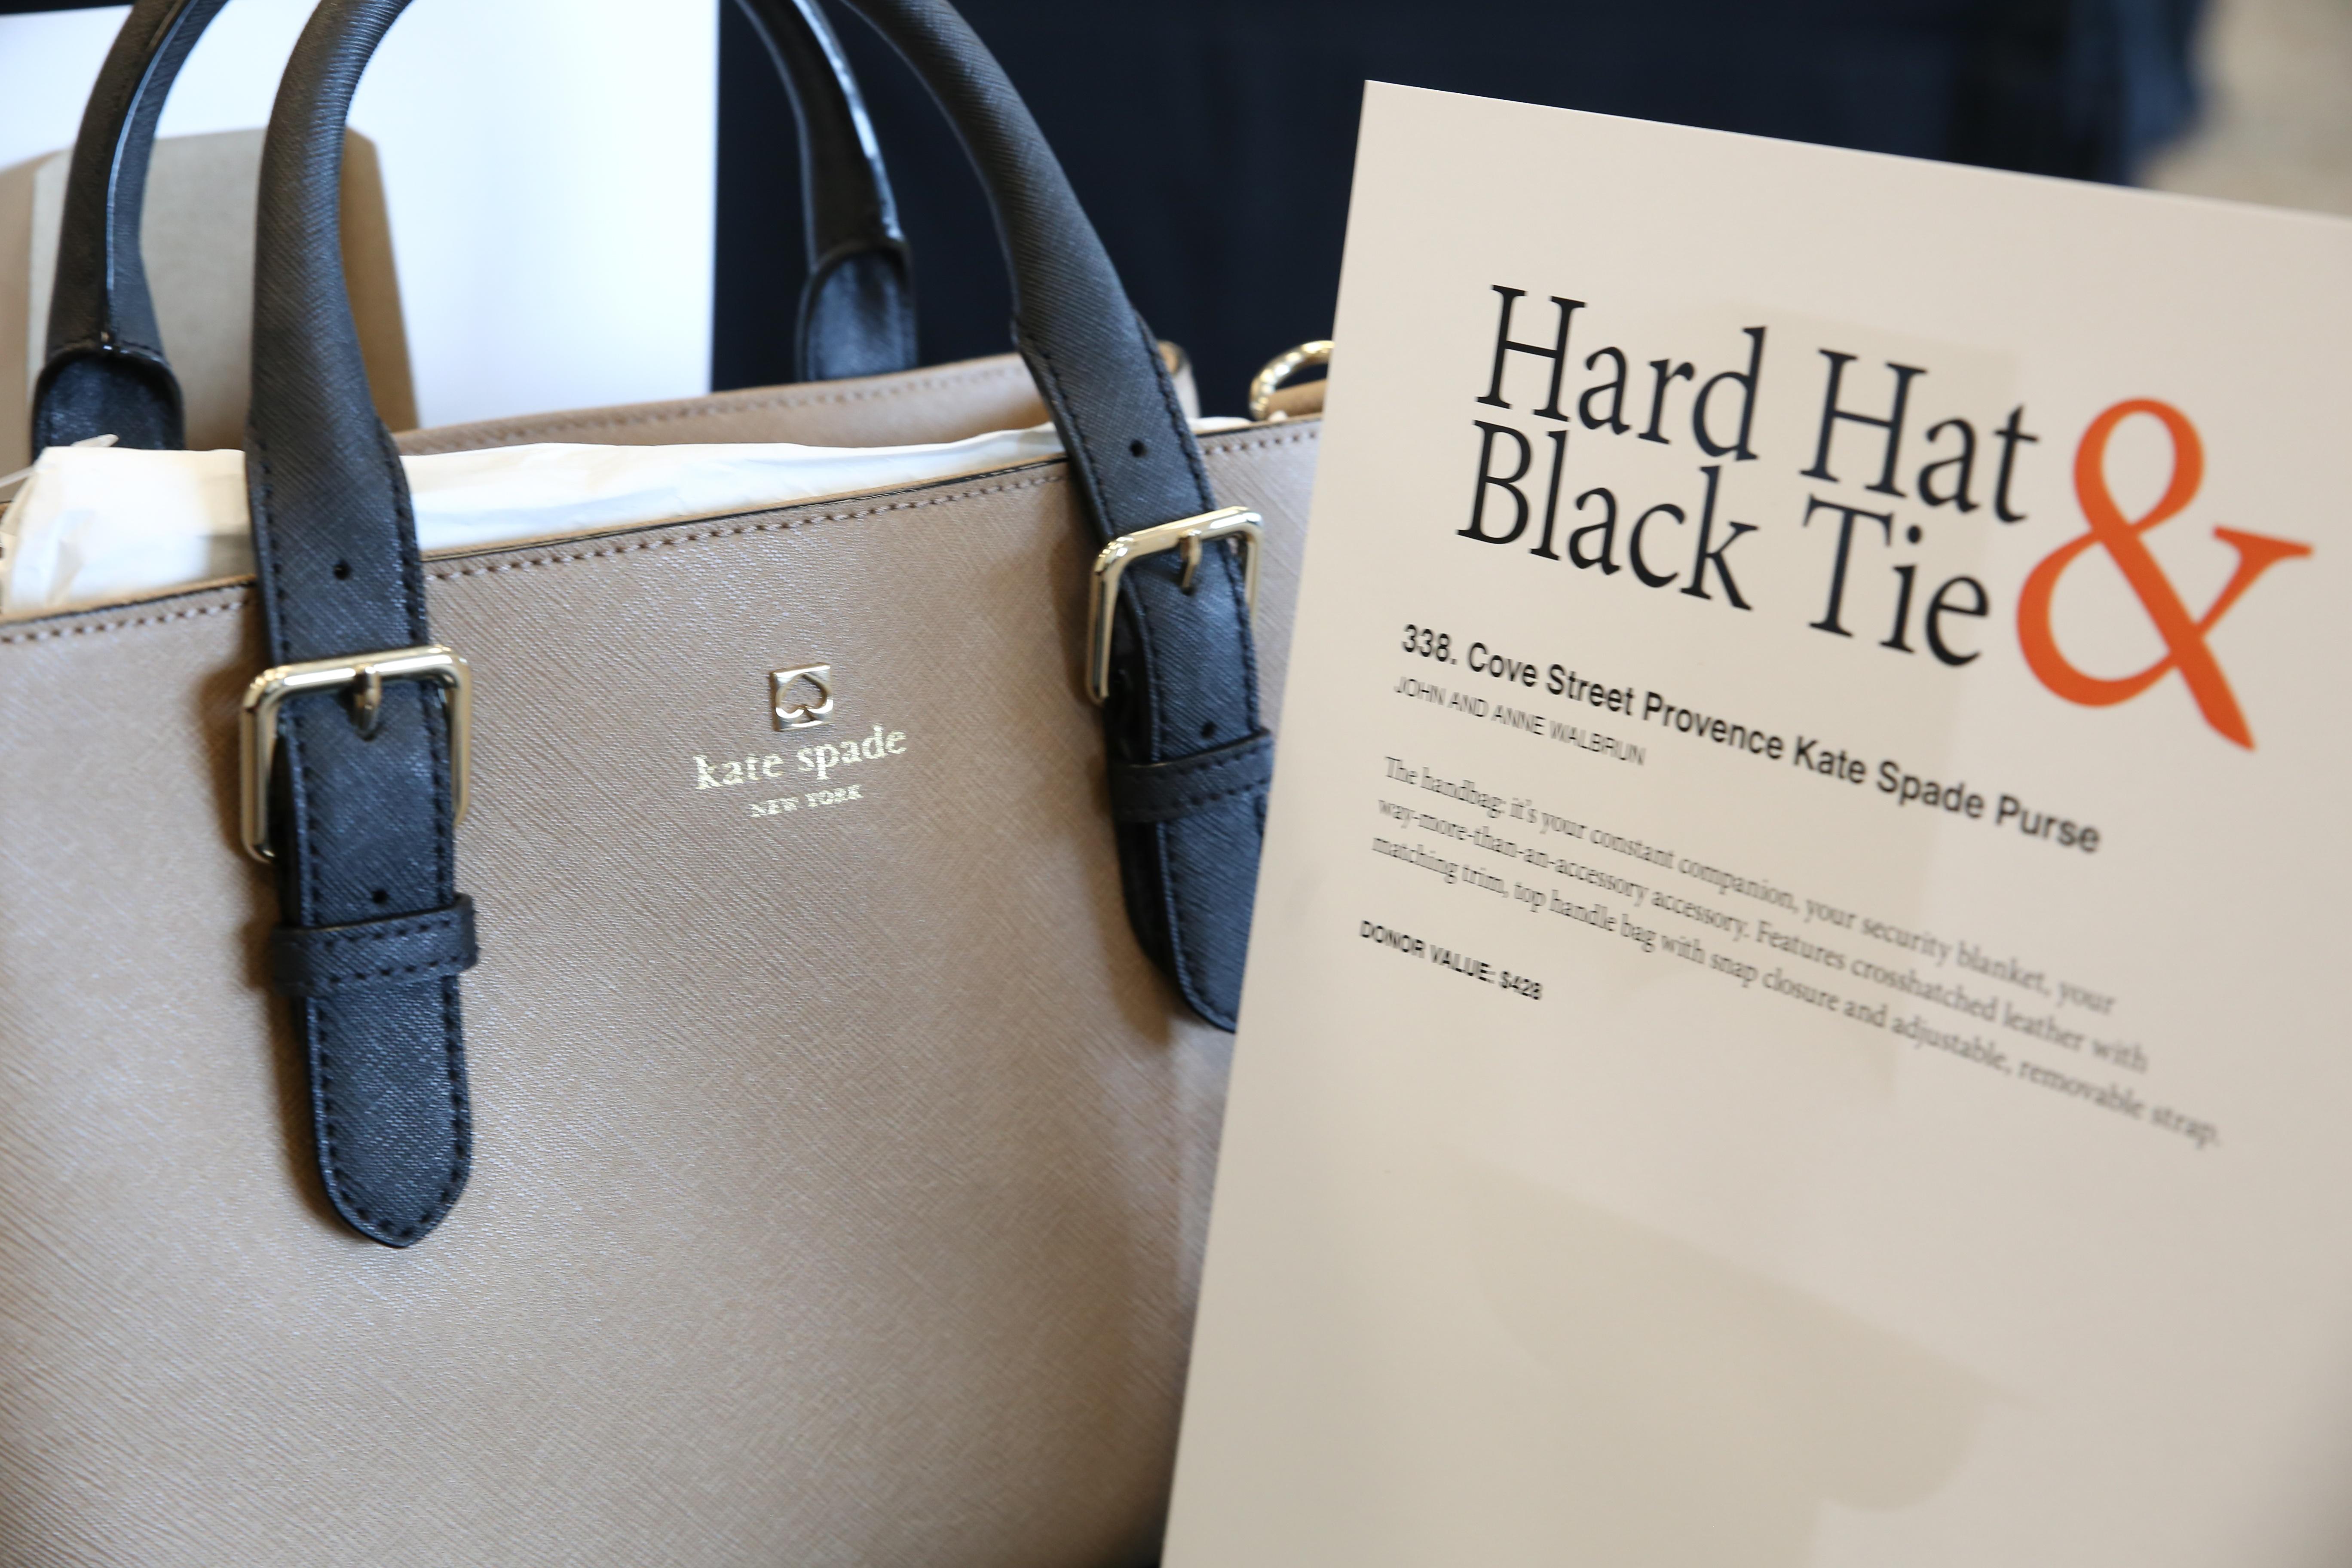 auction item purse